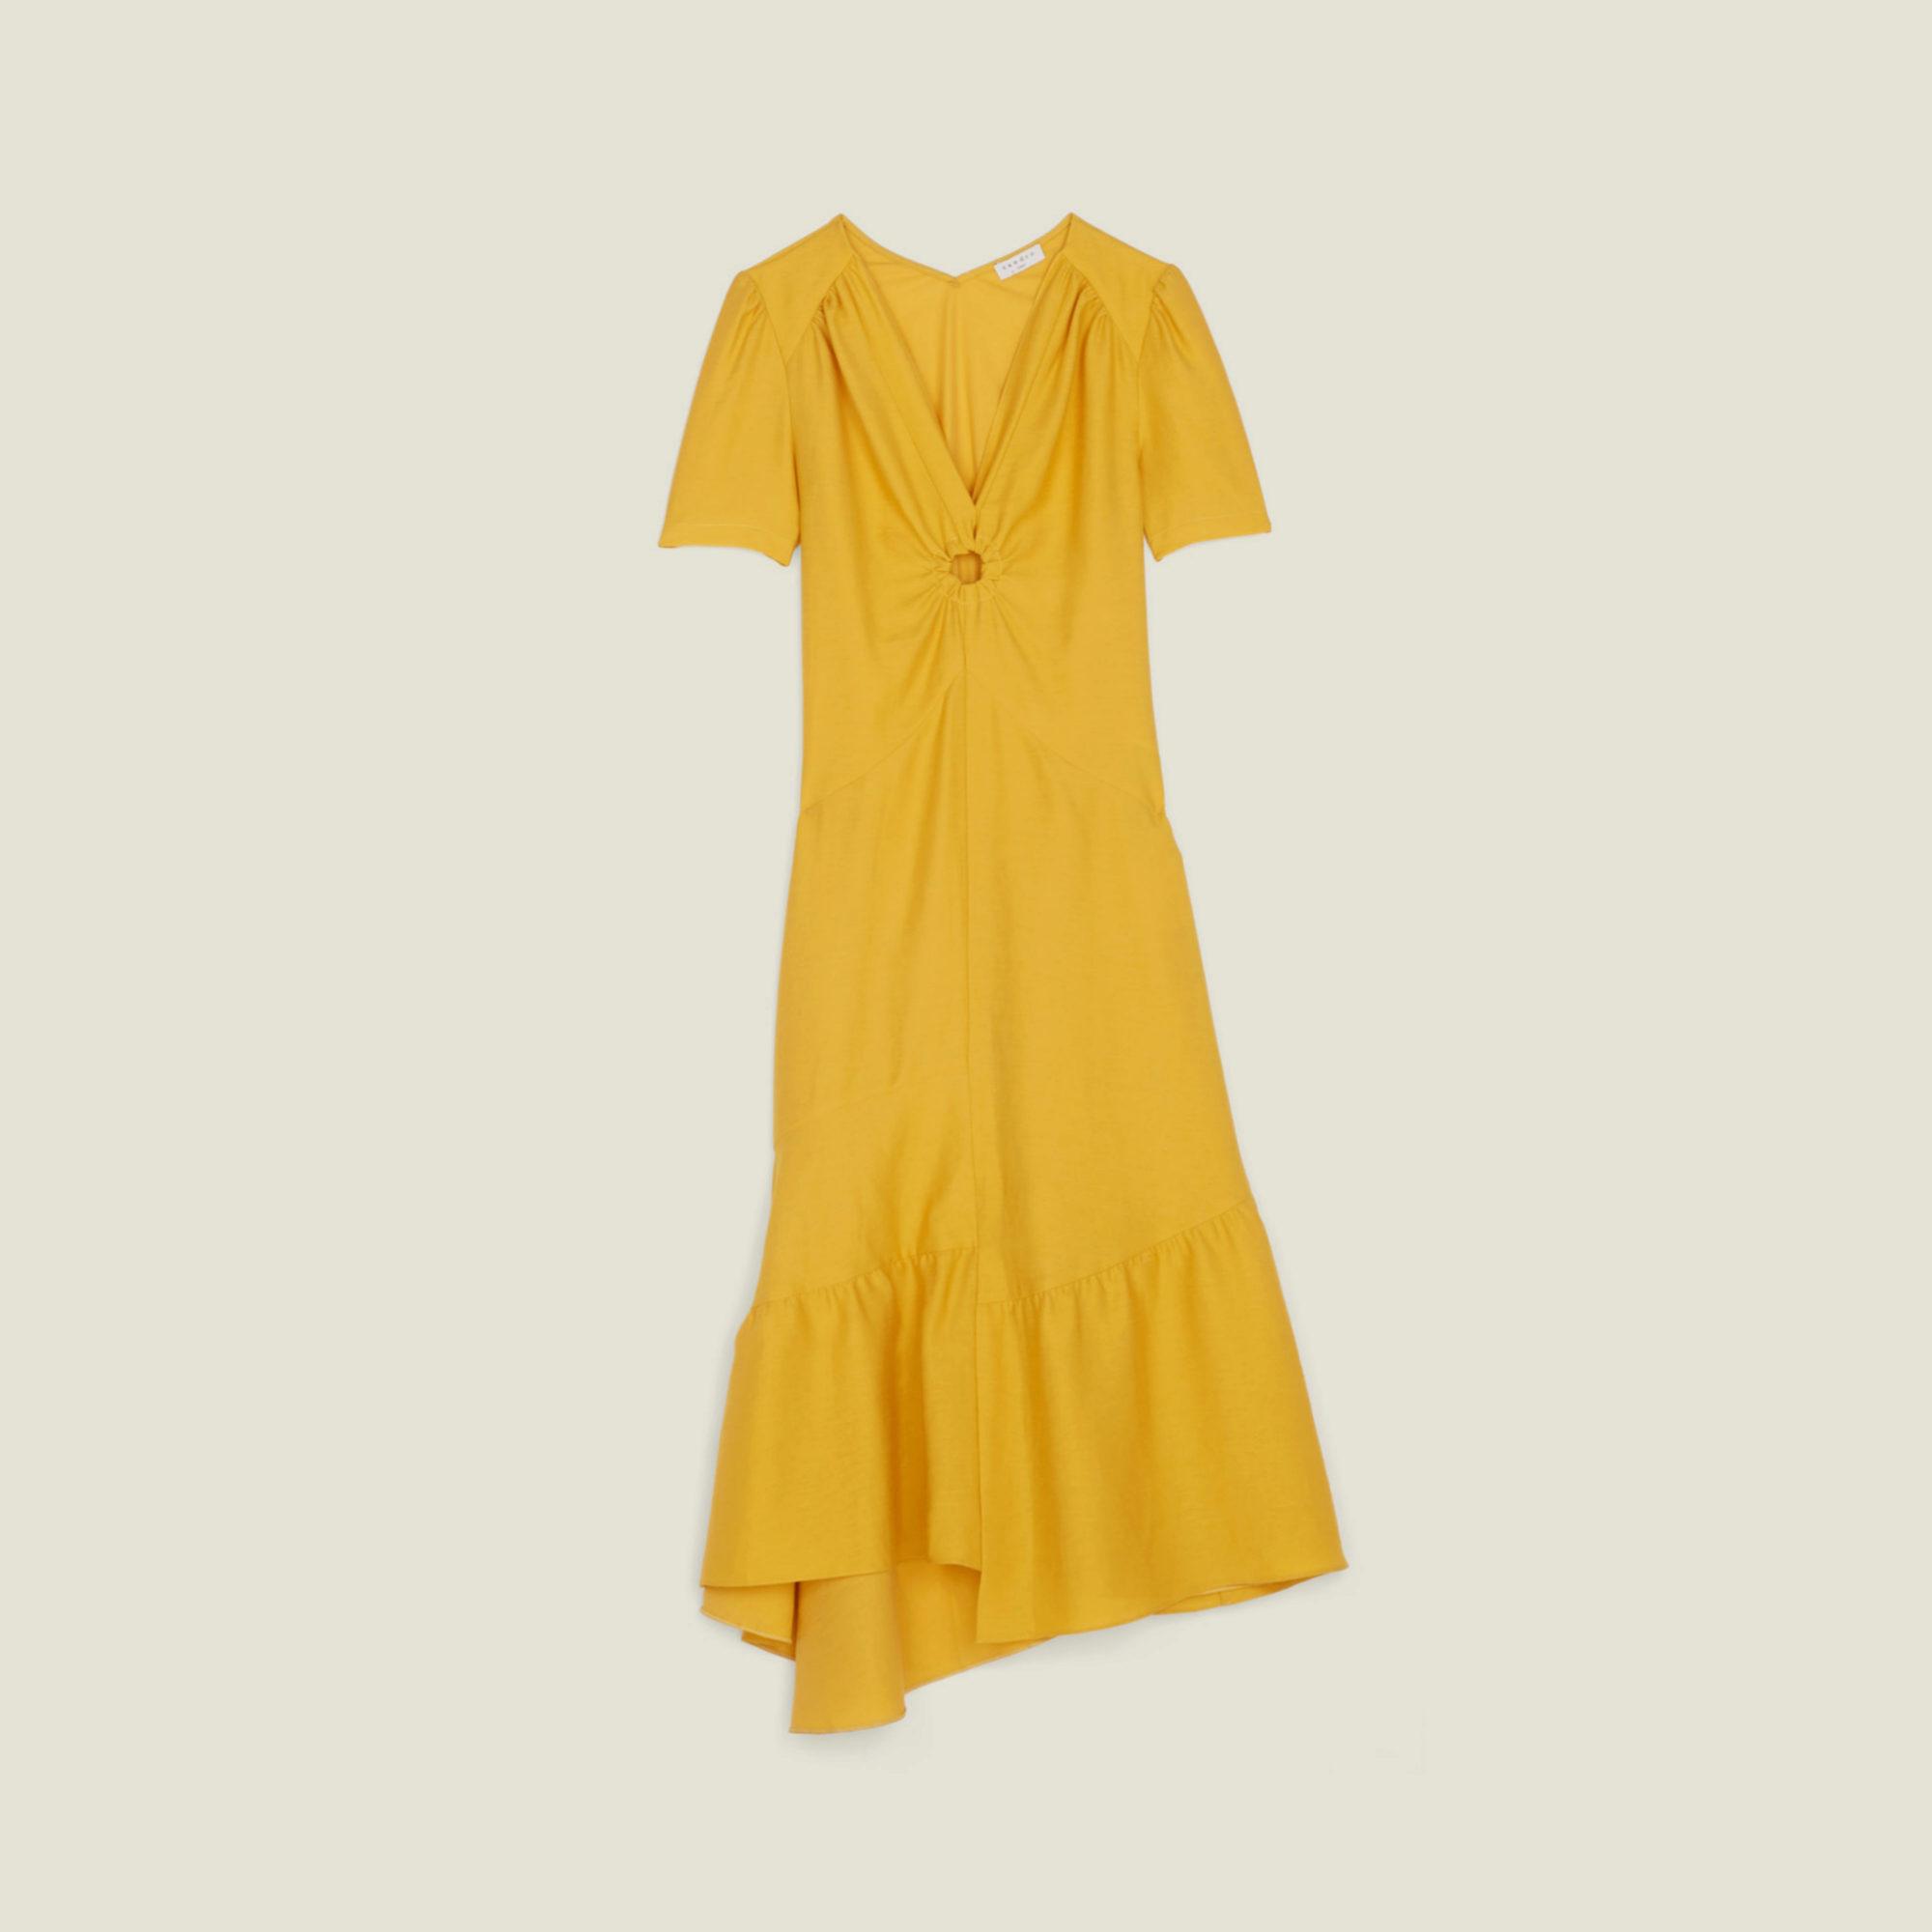 Vestido amarillo asimétrico de Sandro (112,50¤)